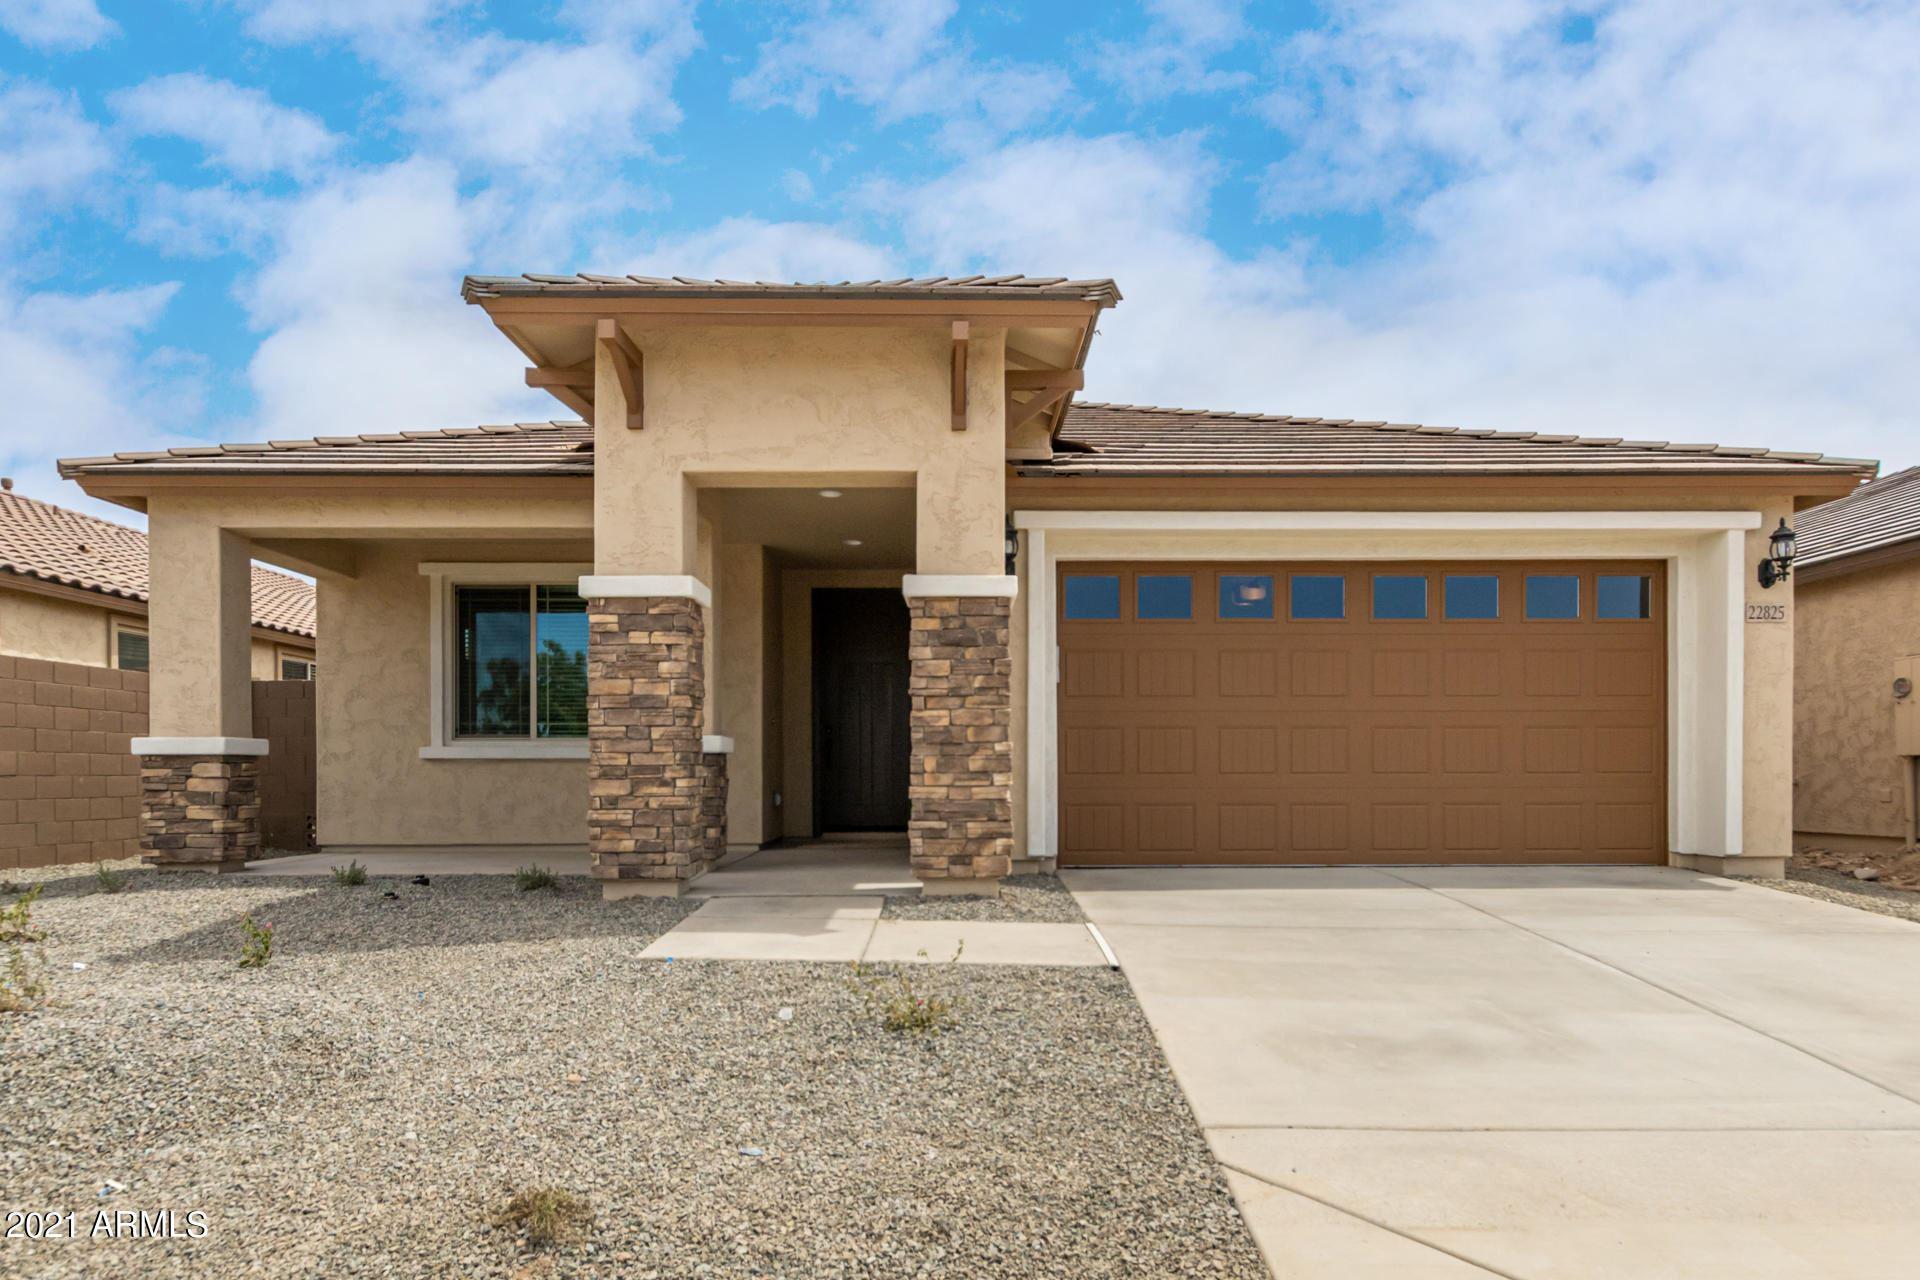 Photo of 22825 E MARSH Road, Queen Creek, AZ 85142 (MLS # 6249918)